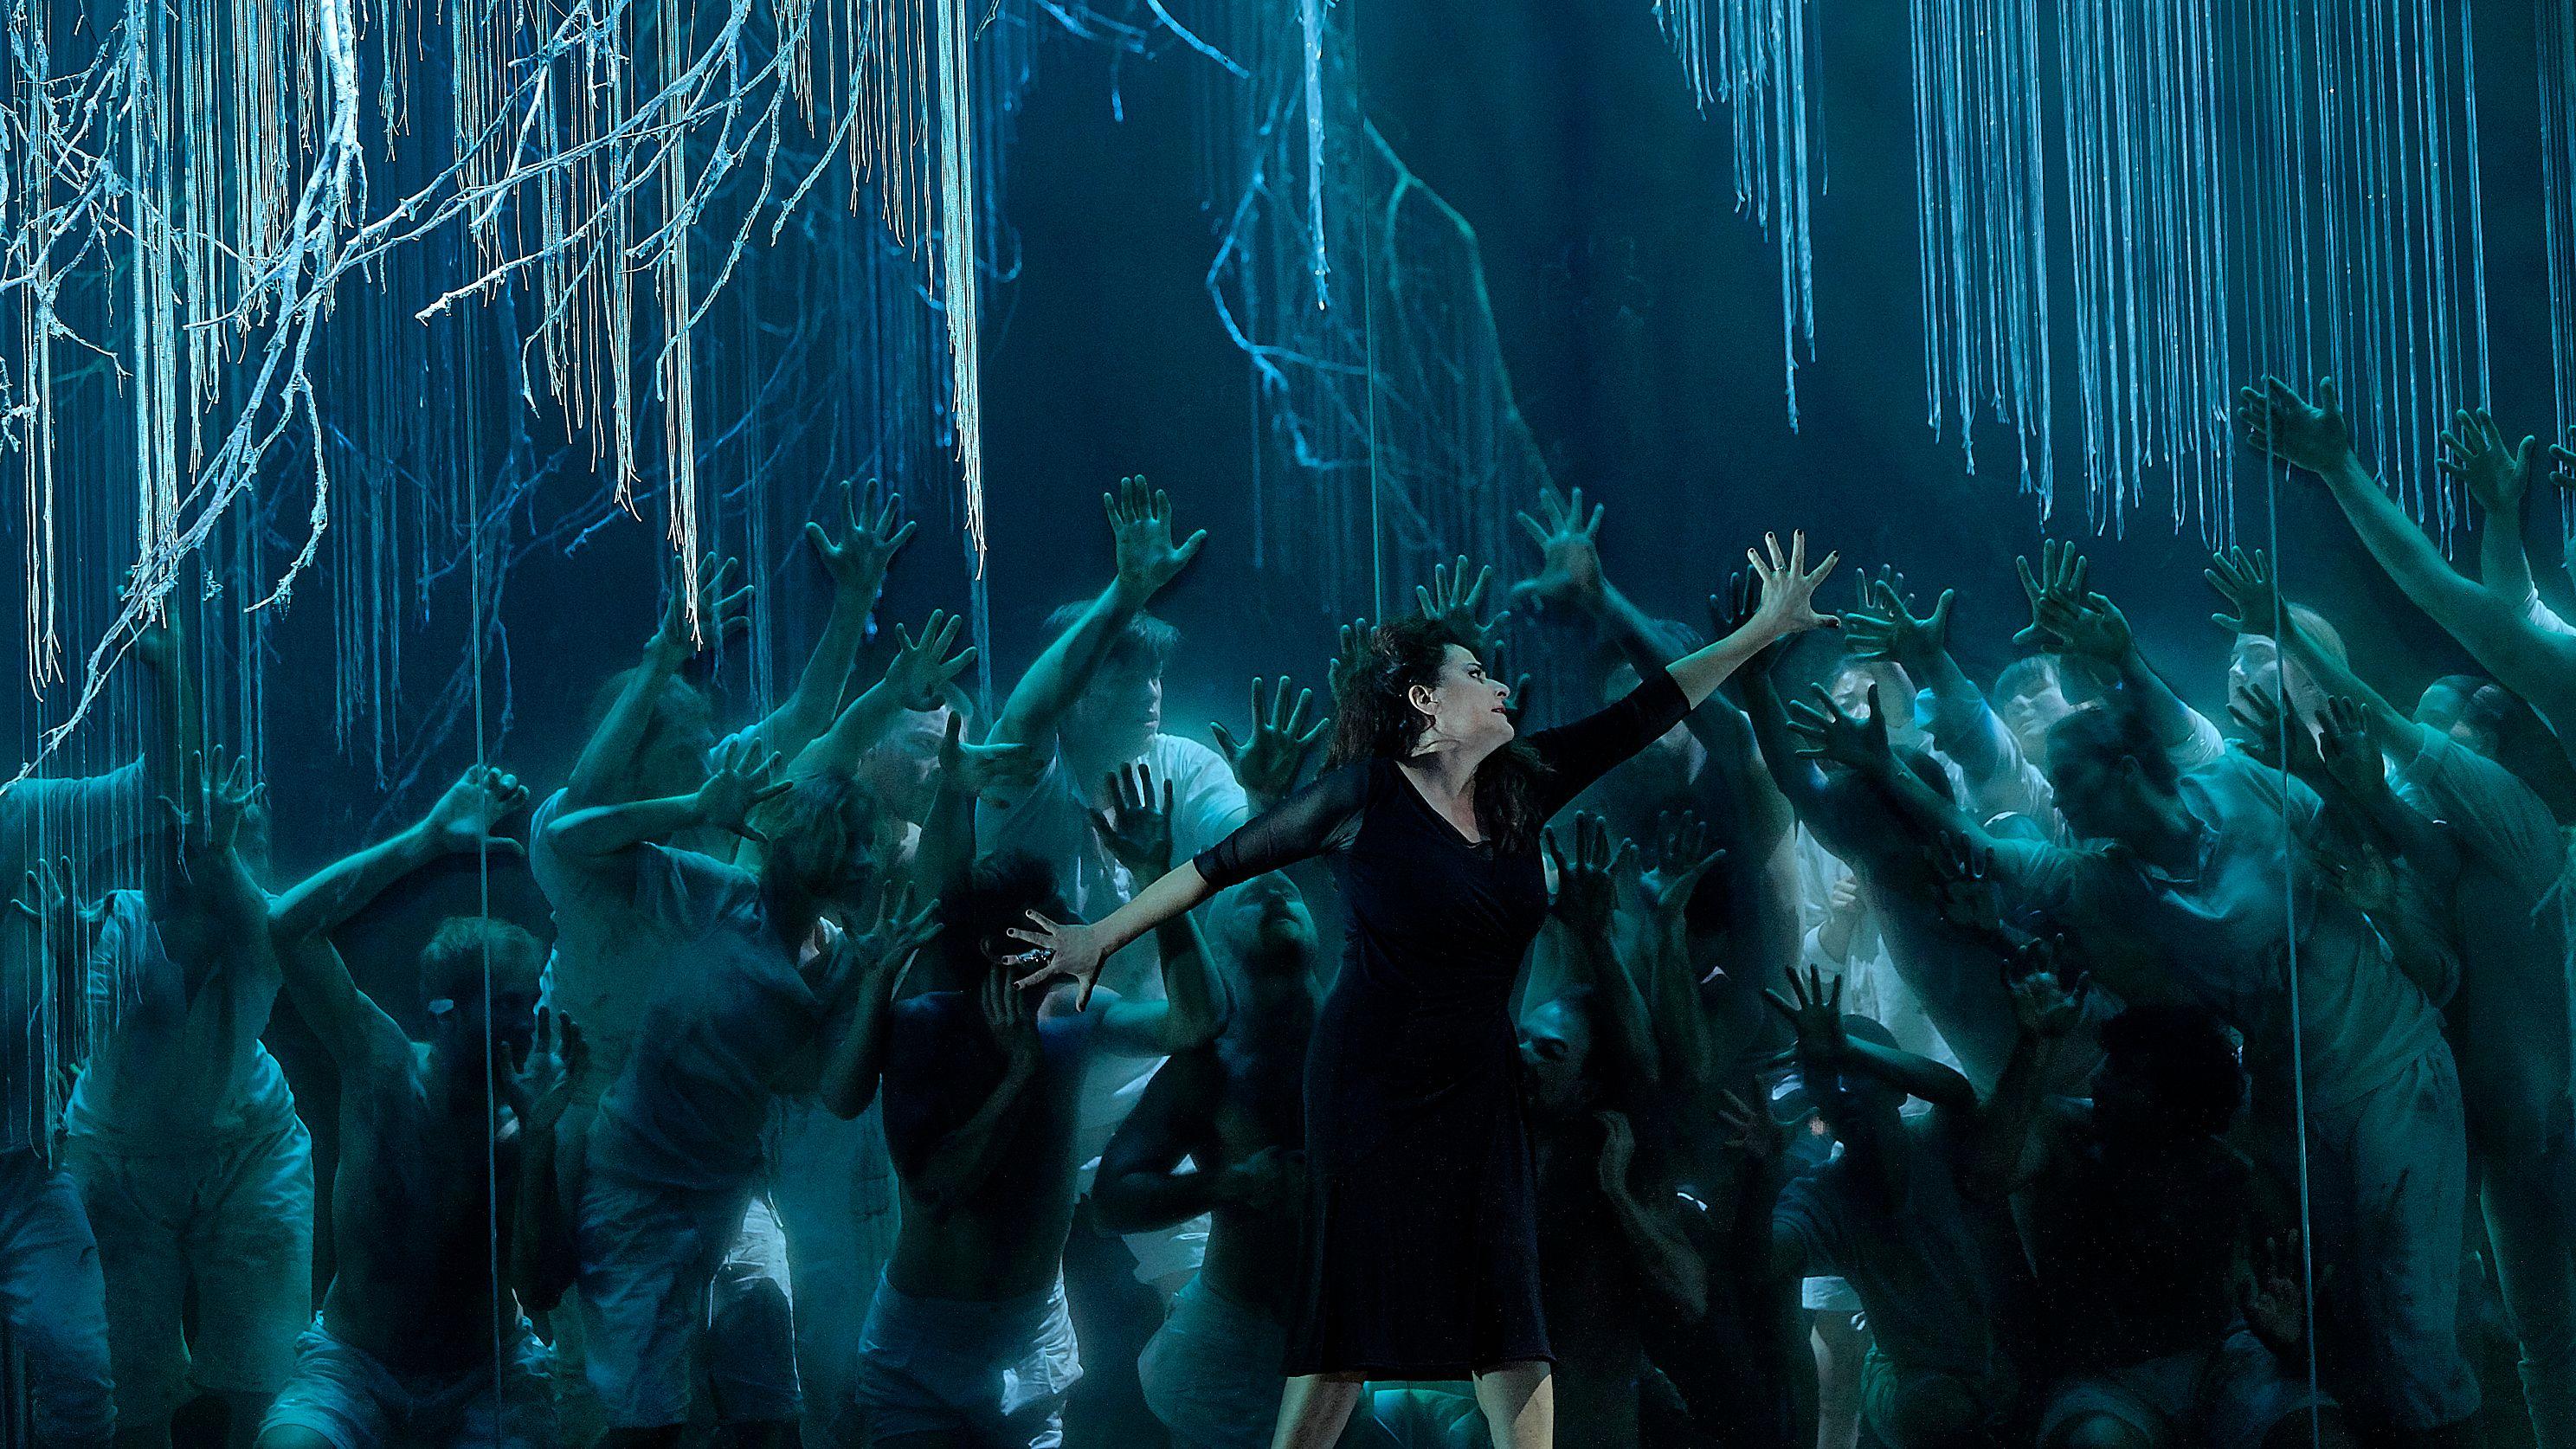 """Bild einer Szene von """"Alcina"""" bei den Salzburger Pfingstfestspielen: Cecilia Bartoli (Alcina) mit weit ausgestreckten Armen vor einem blauen Bühnenbild, Tänzern und dem Chor"""